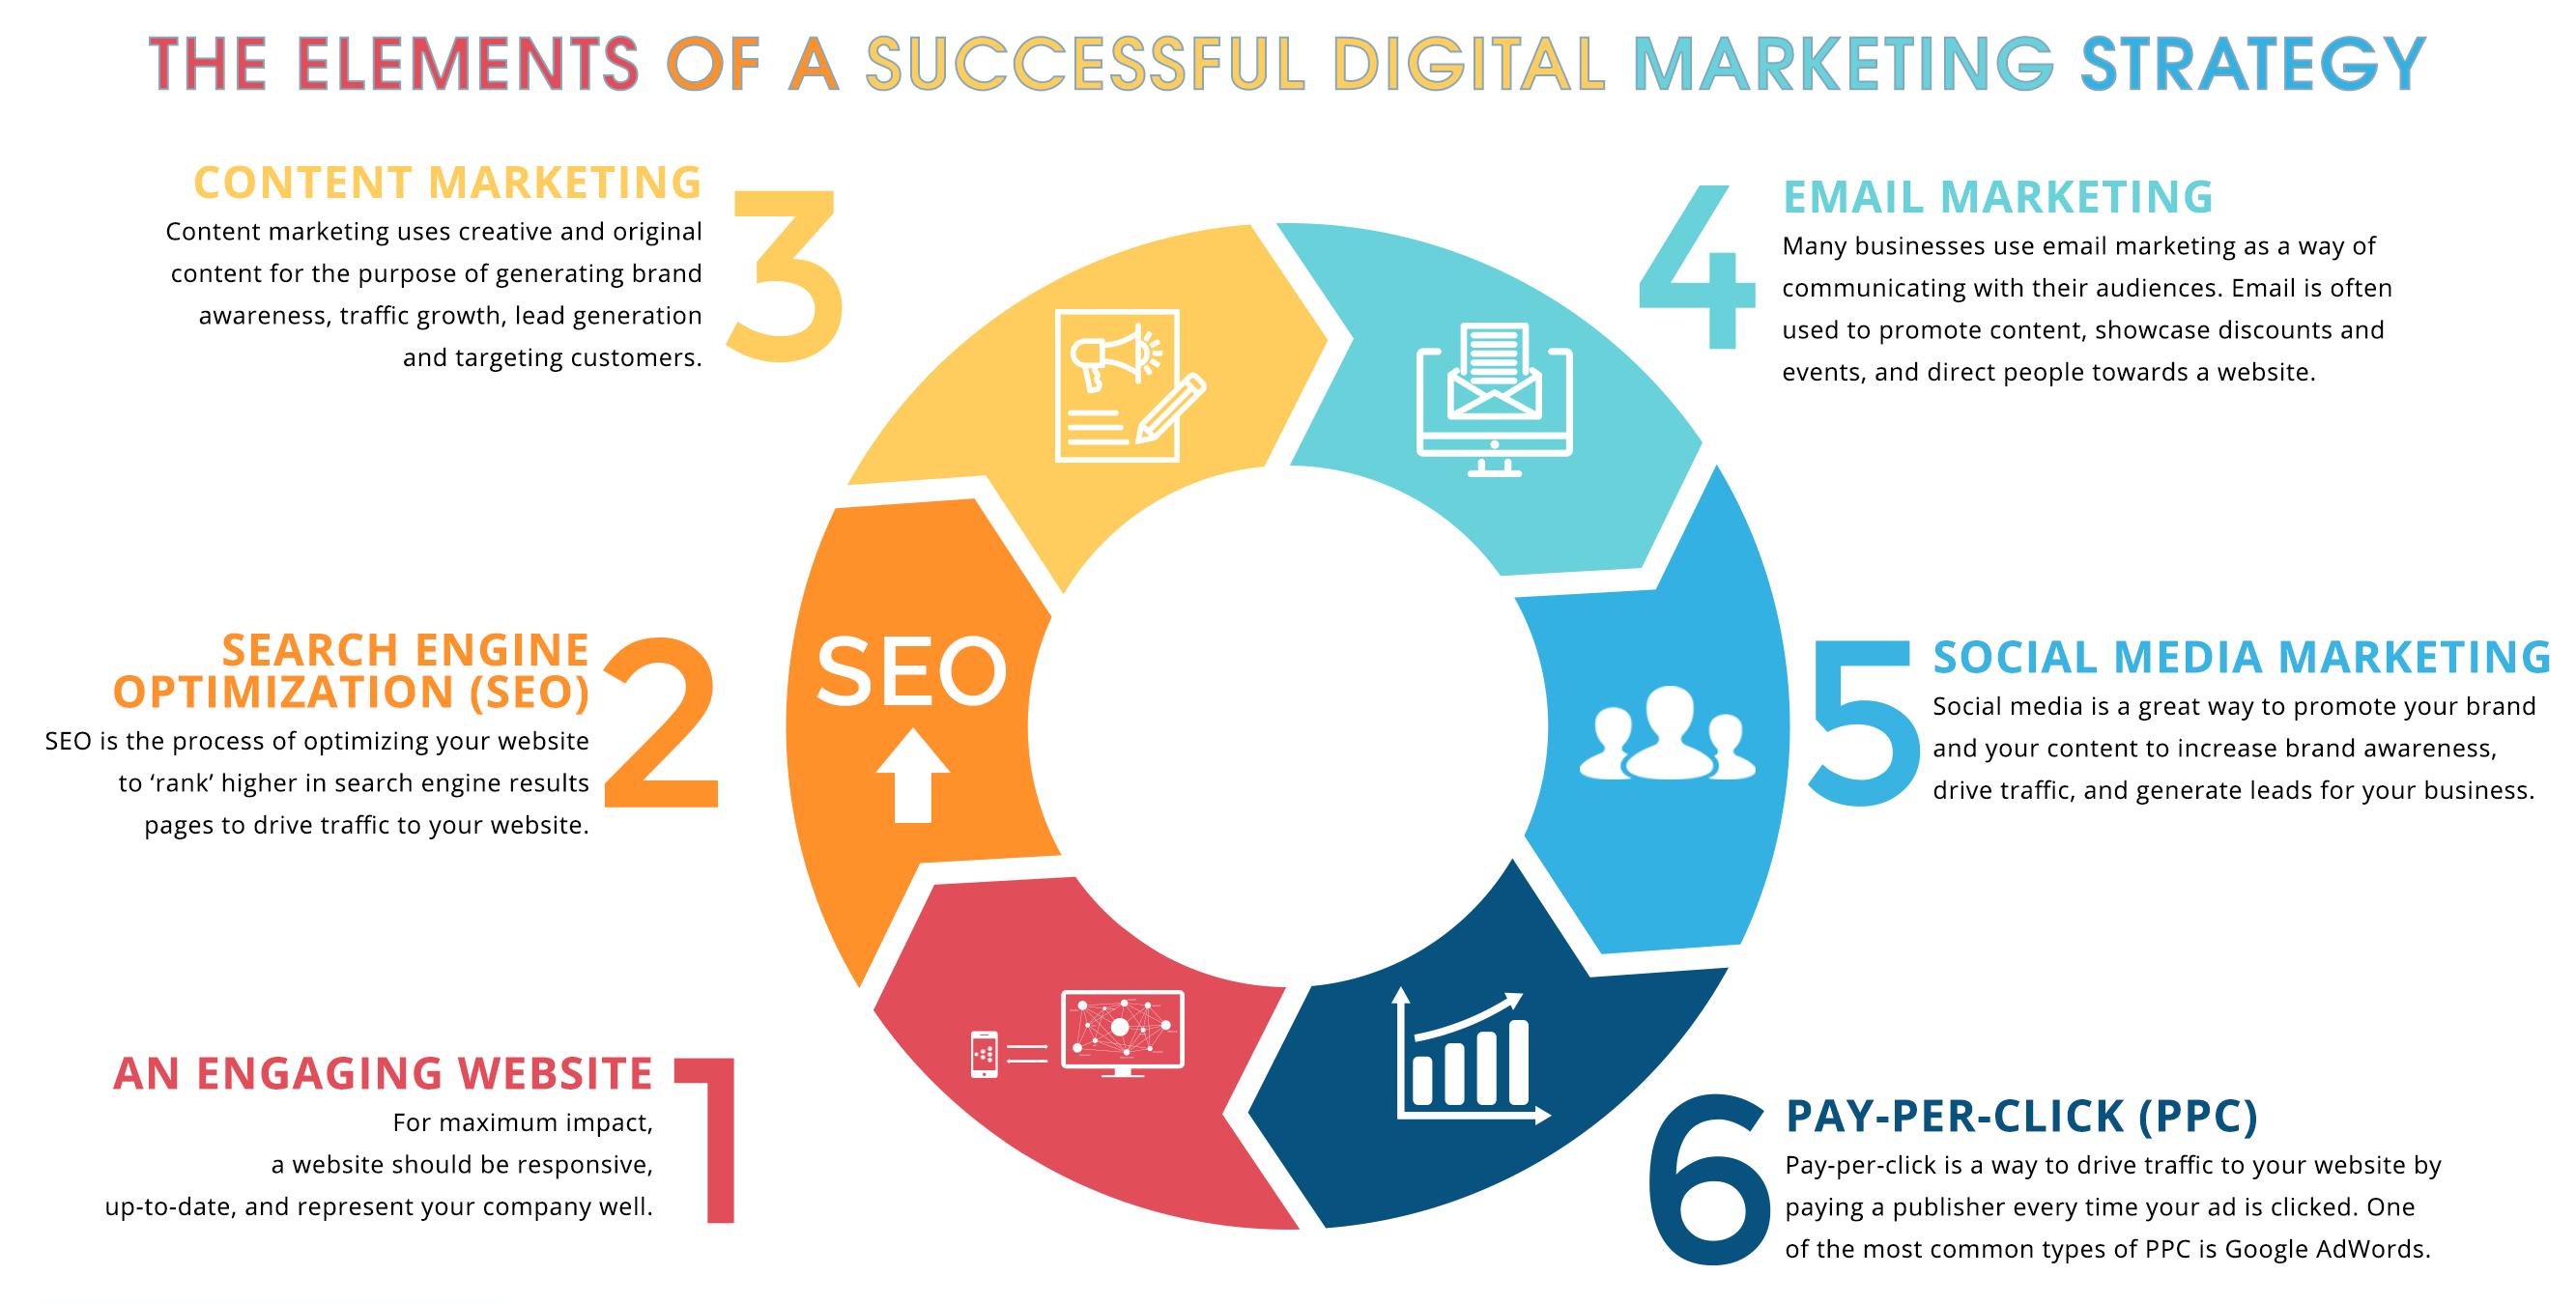 Digital Marketing Strategy Plan for 2020 | Lorenzo Gutierrez